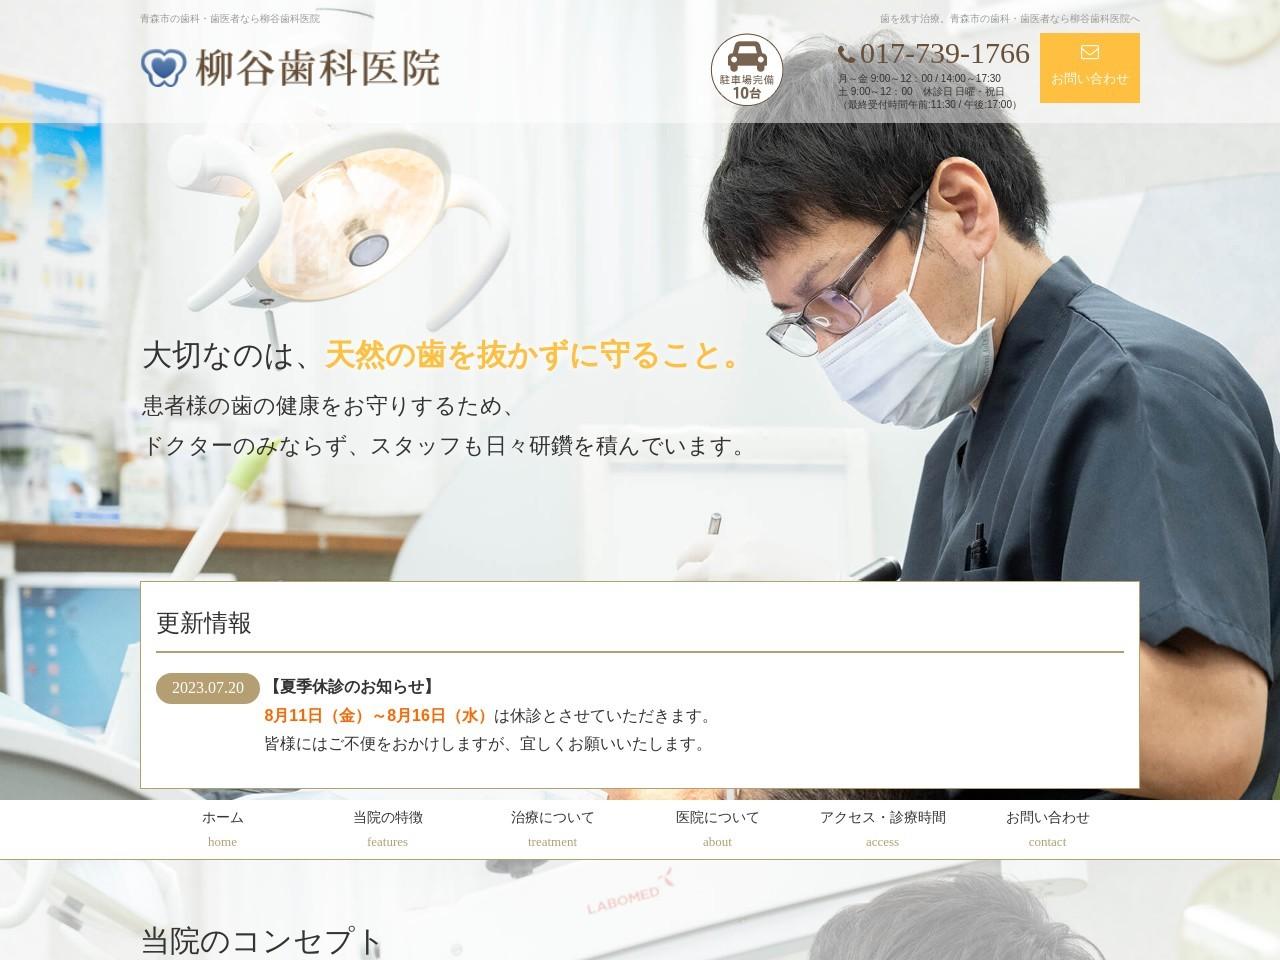 医療法人  柳谷歯科医院 (青森県青森市)